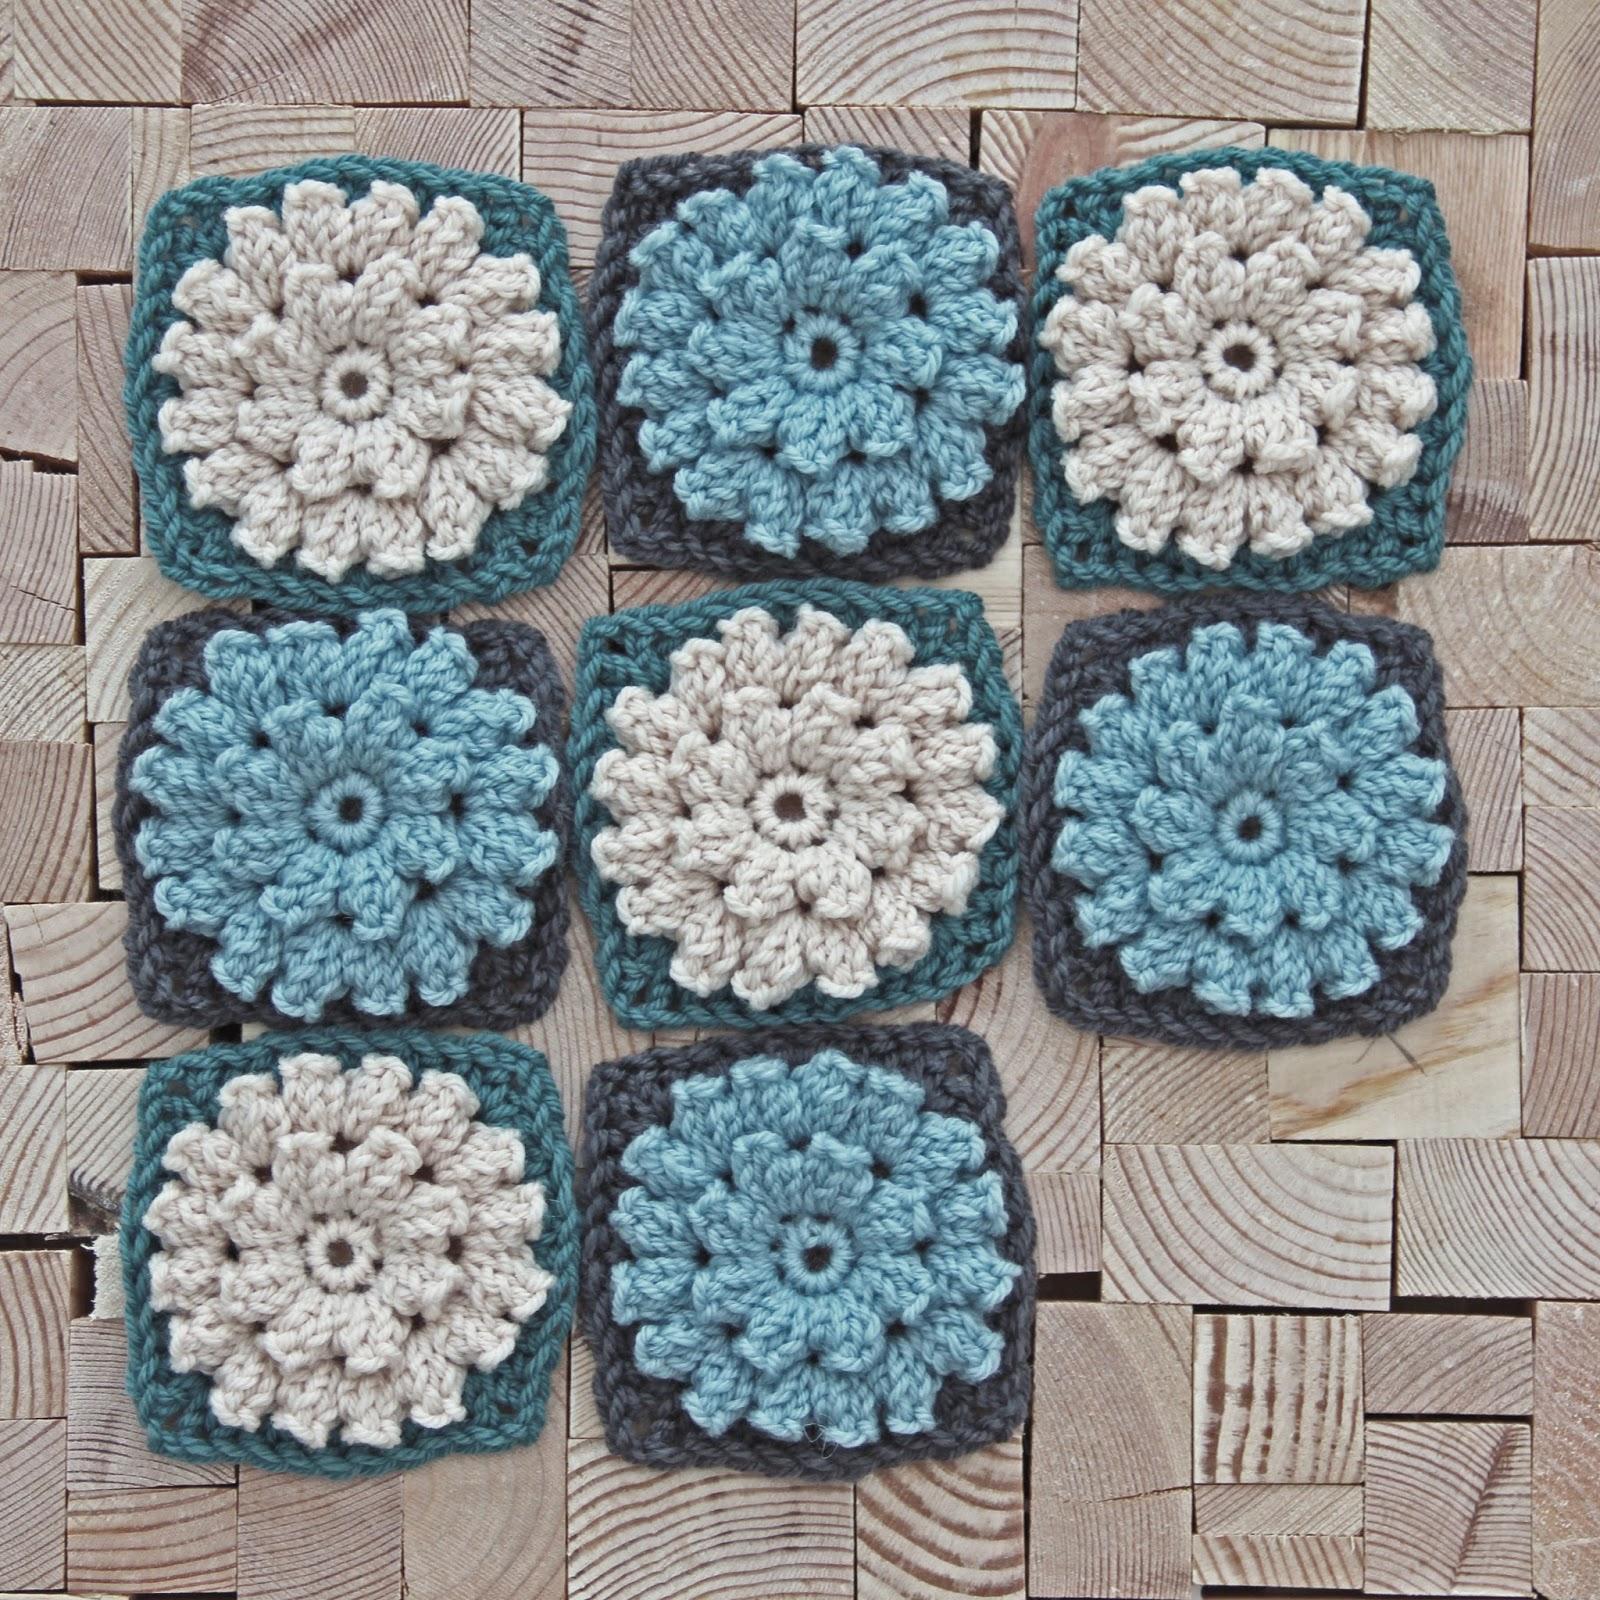 Crochet Popcorn Flower Free Pattern : creJJtion: Crochet Popcorn Flower Update